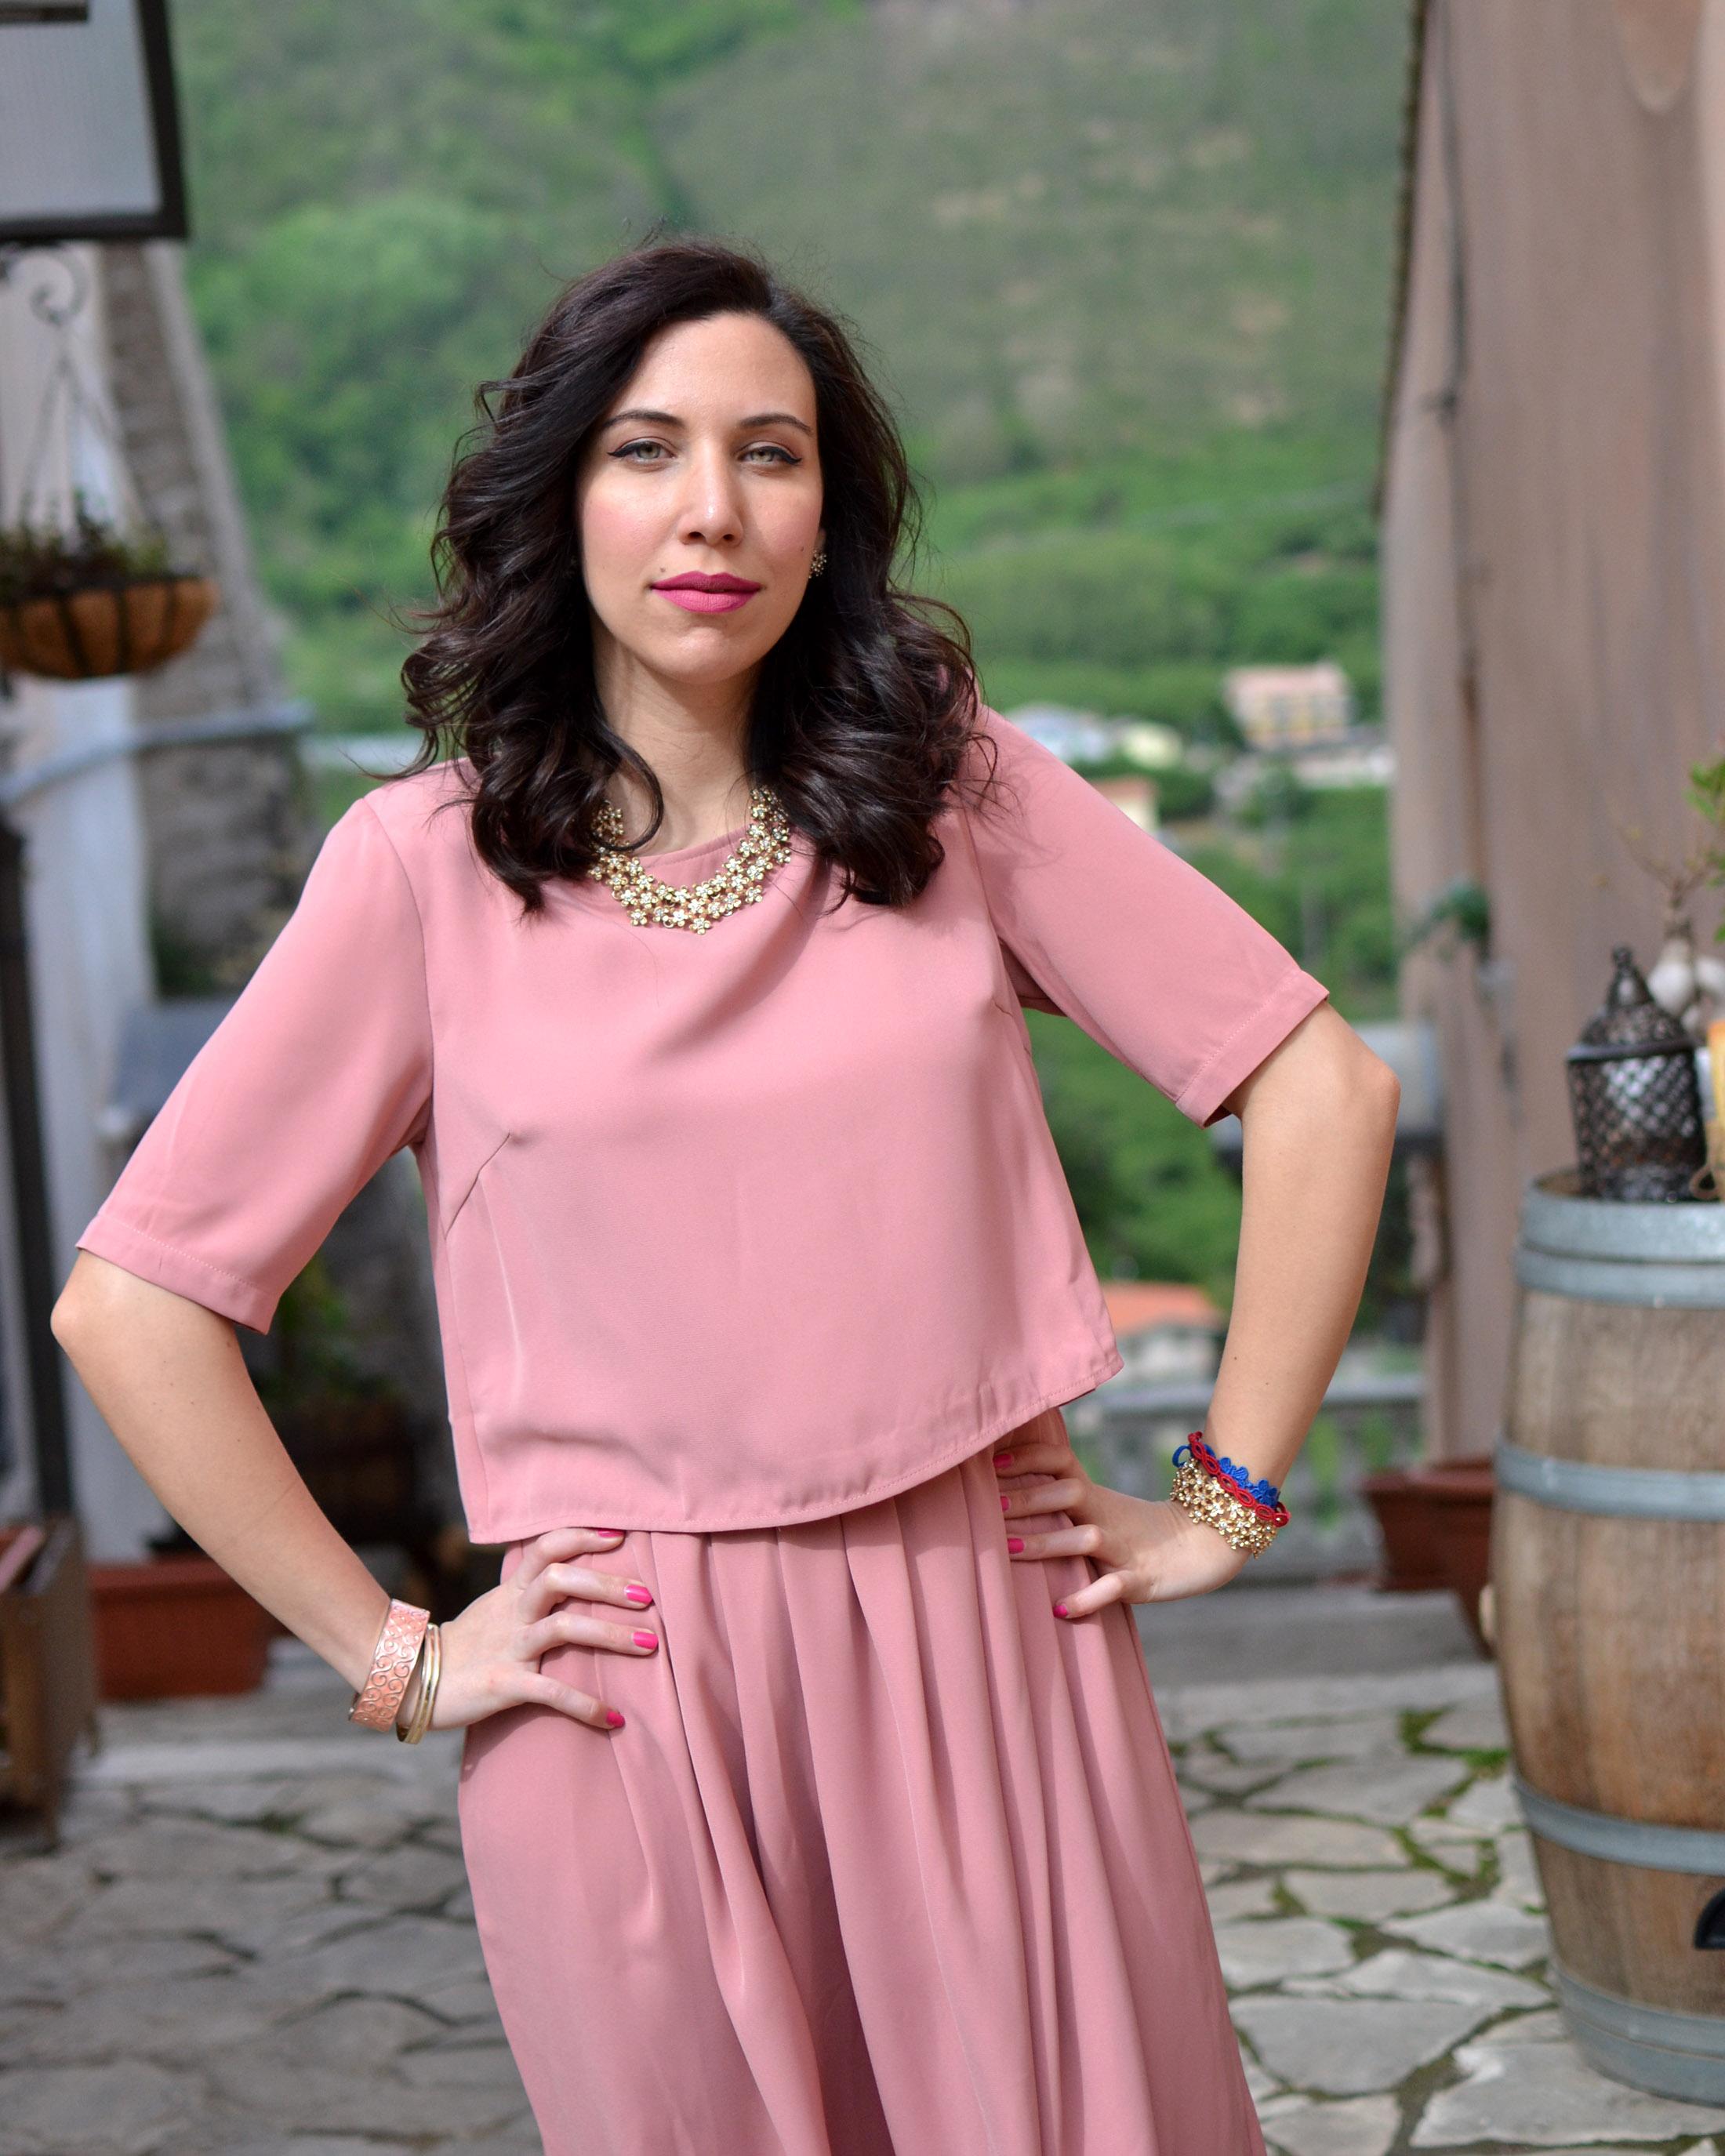 ... Cerimonia in estate  l abito rosa antico per l invitata Lo stile ... 3cdf9923d6a